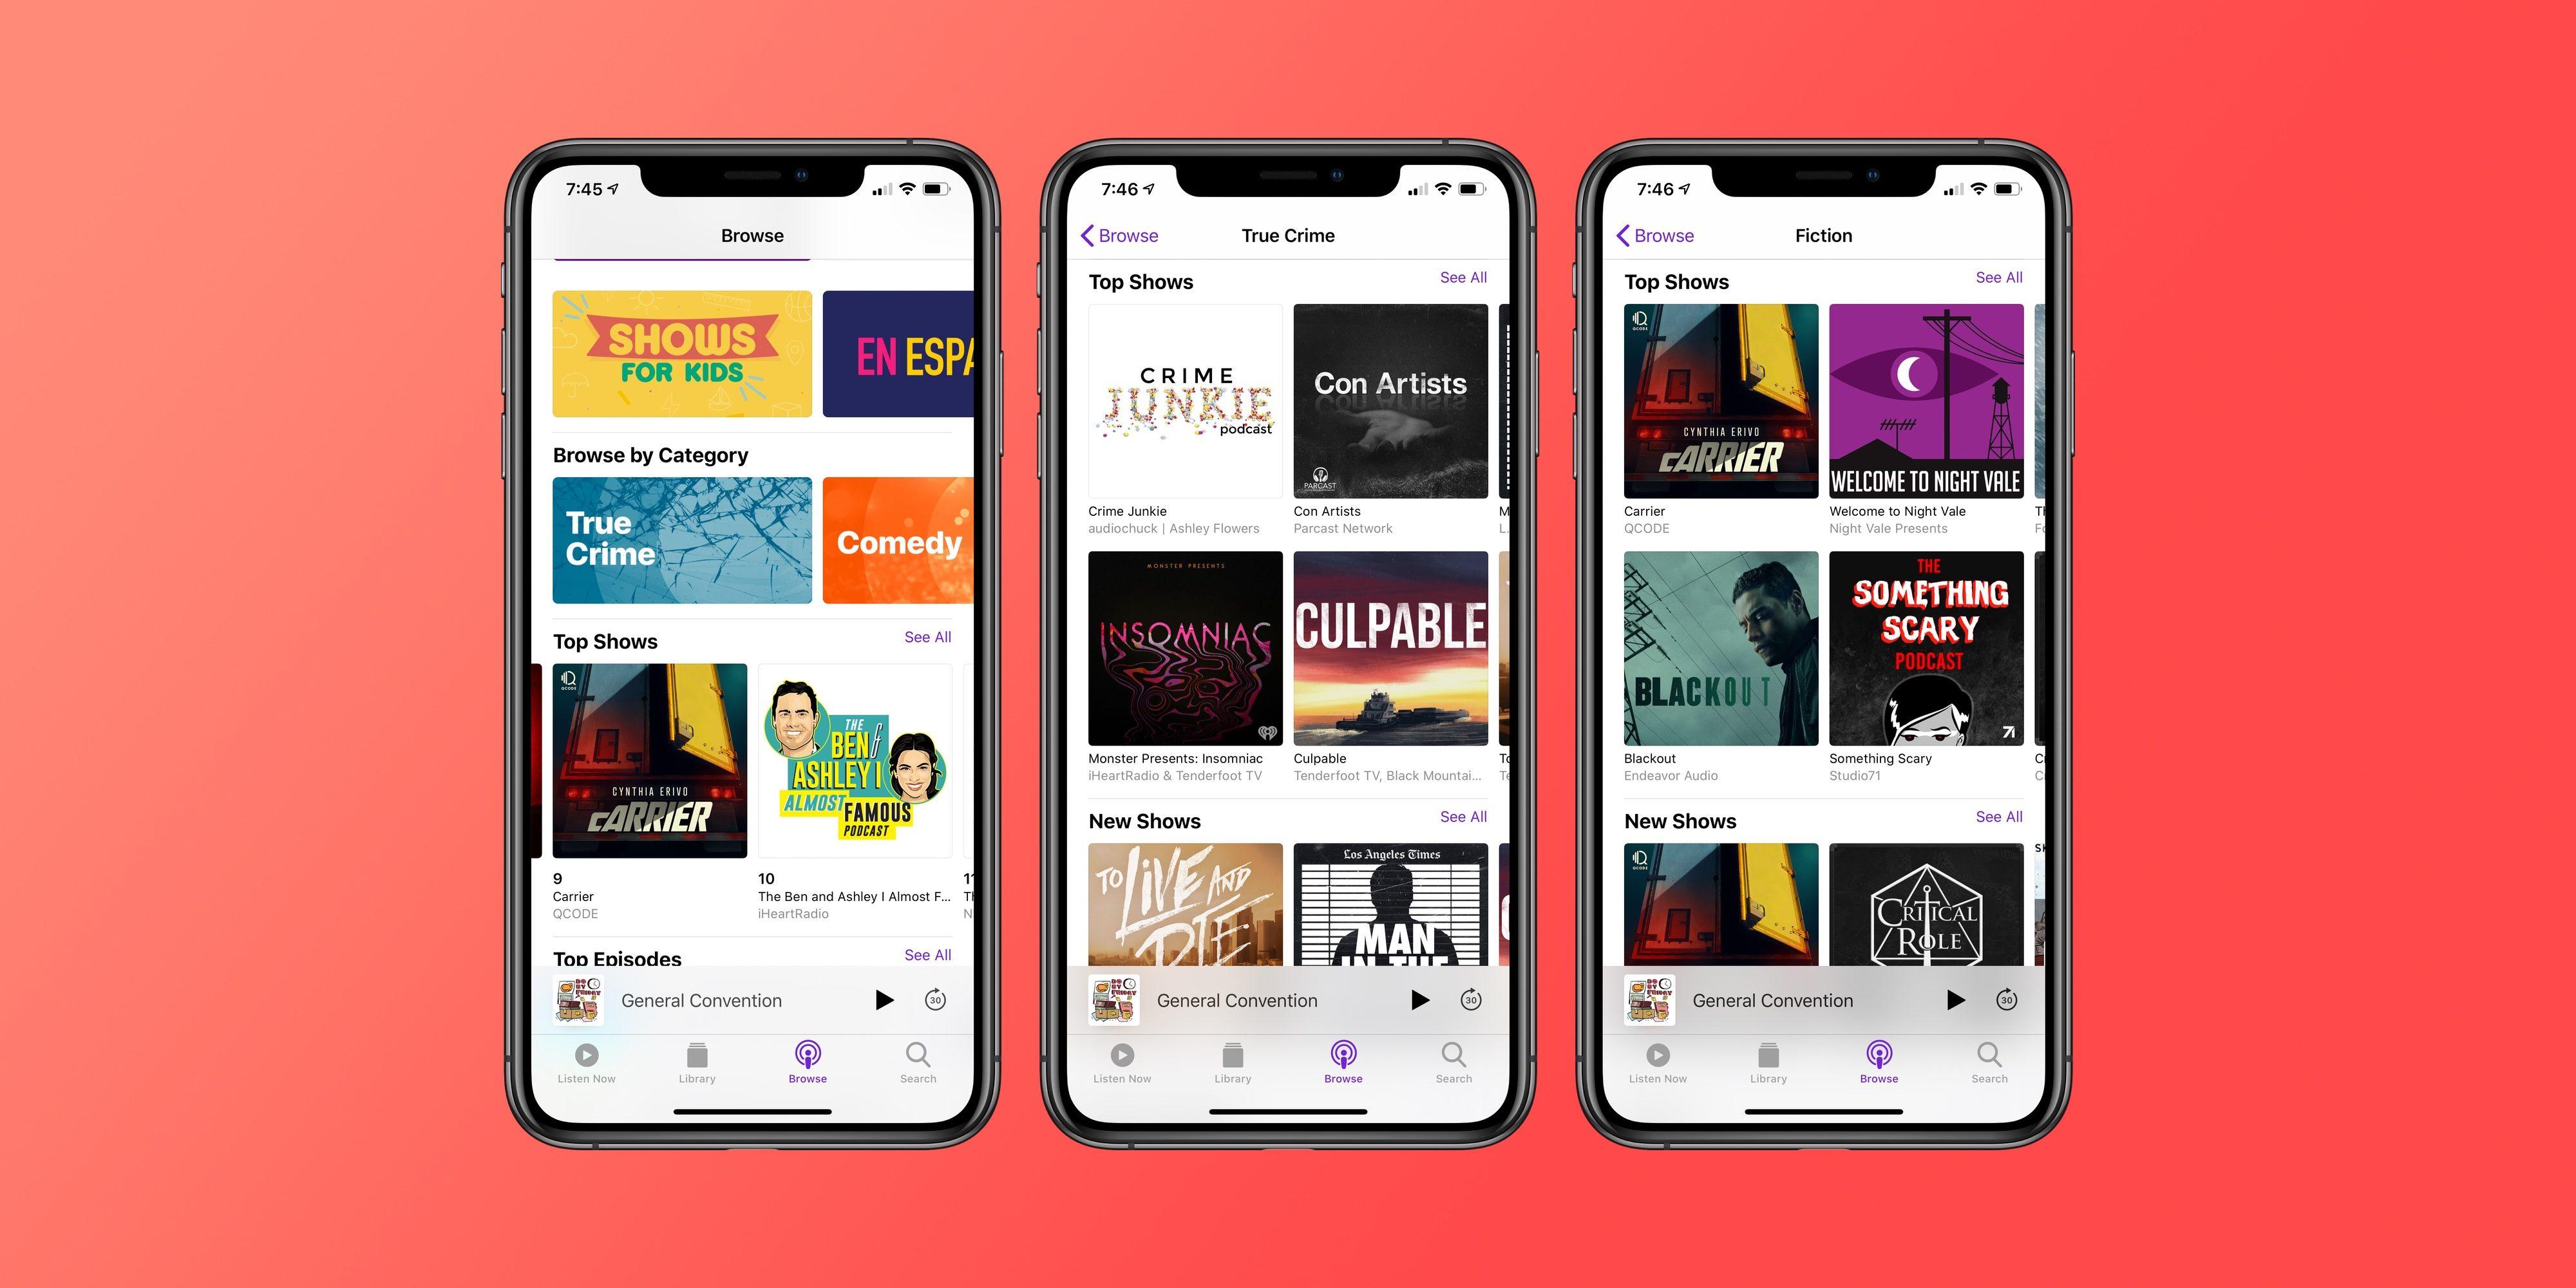 """<span href=""""https://9to5mac.com/2020/03/08/best-podcast-app-iphone/"""">¿Cuál es el mejor podcast de la aplicación para iPhone? (Actualizado para el año 2020)</a>"""